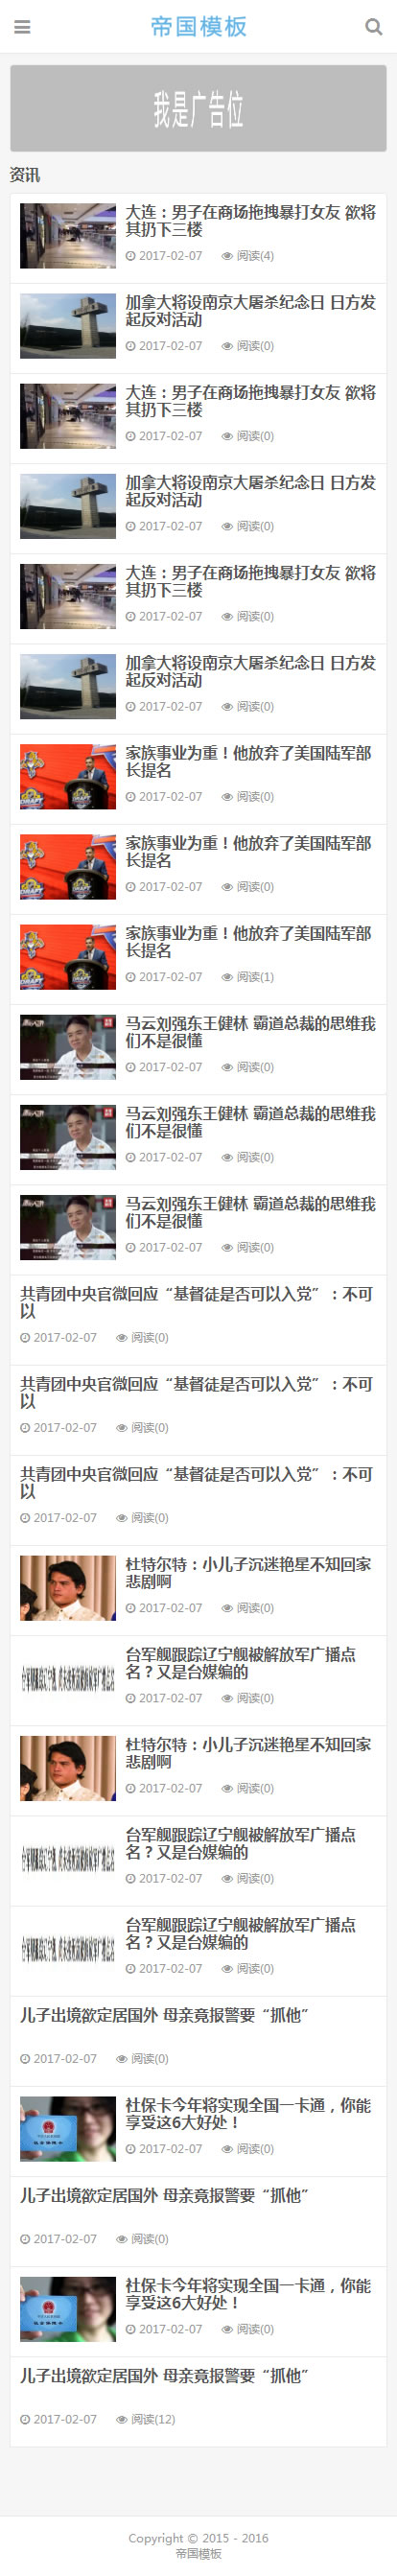 帝国cms自适应手机简洁大气新闻博客资讯类网站模板_手机版列表页模板